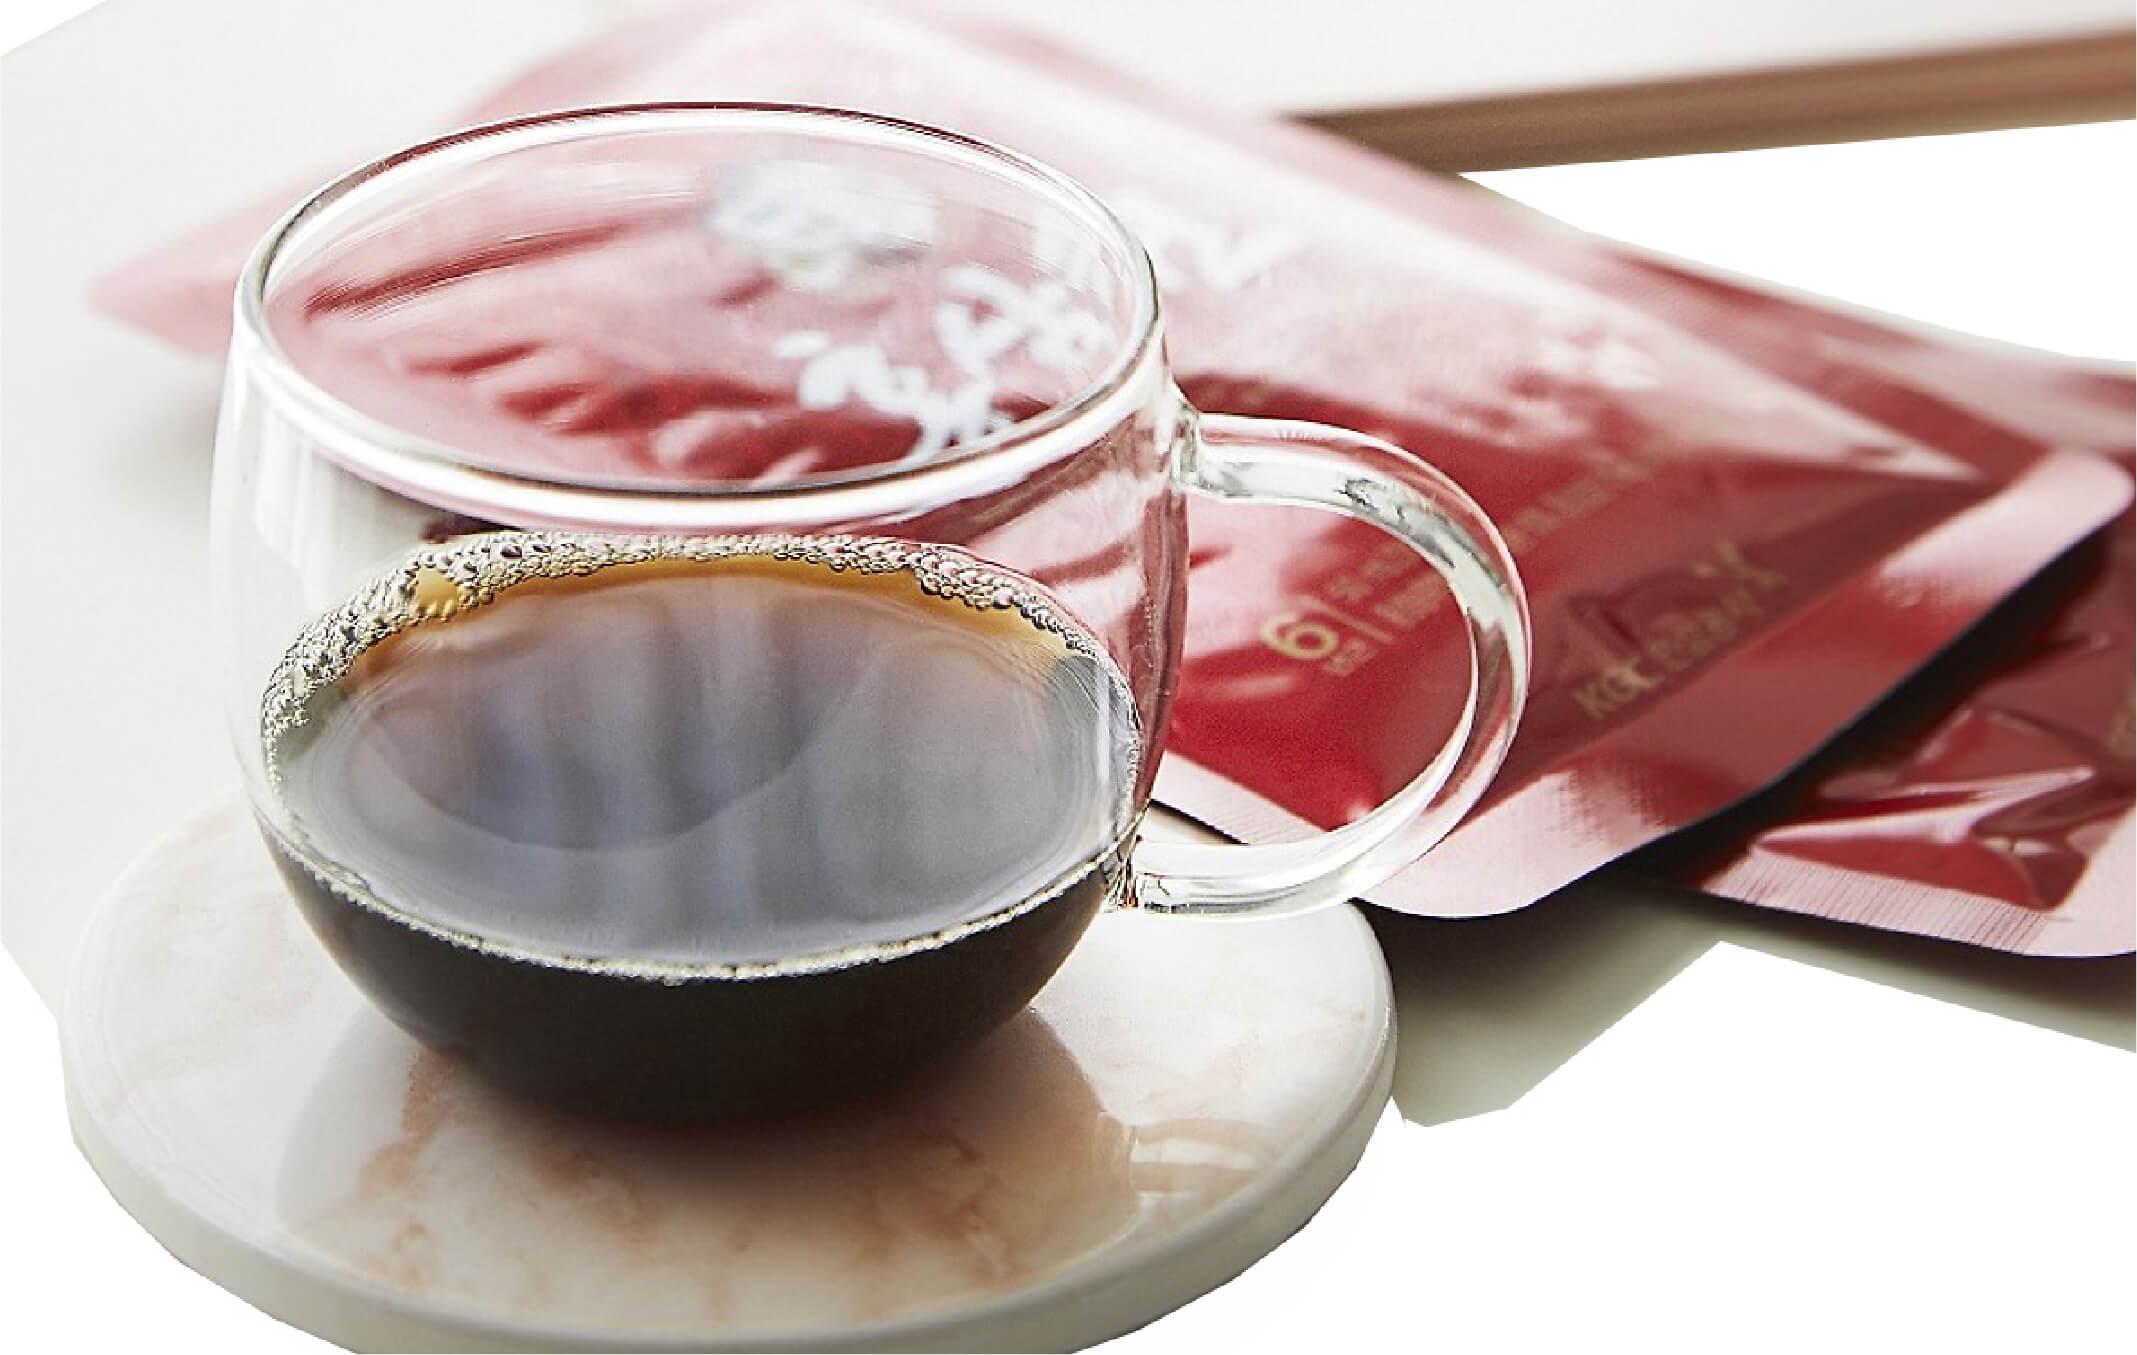 Uống nước hồng sâm Hàn Quốc mang lại lợi ích gì cho sức khỏe? 6